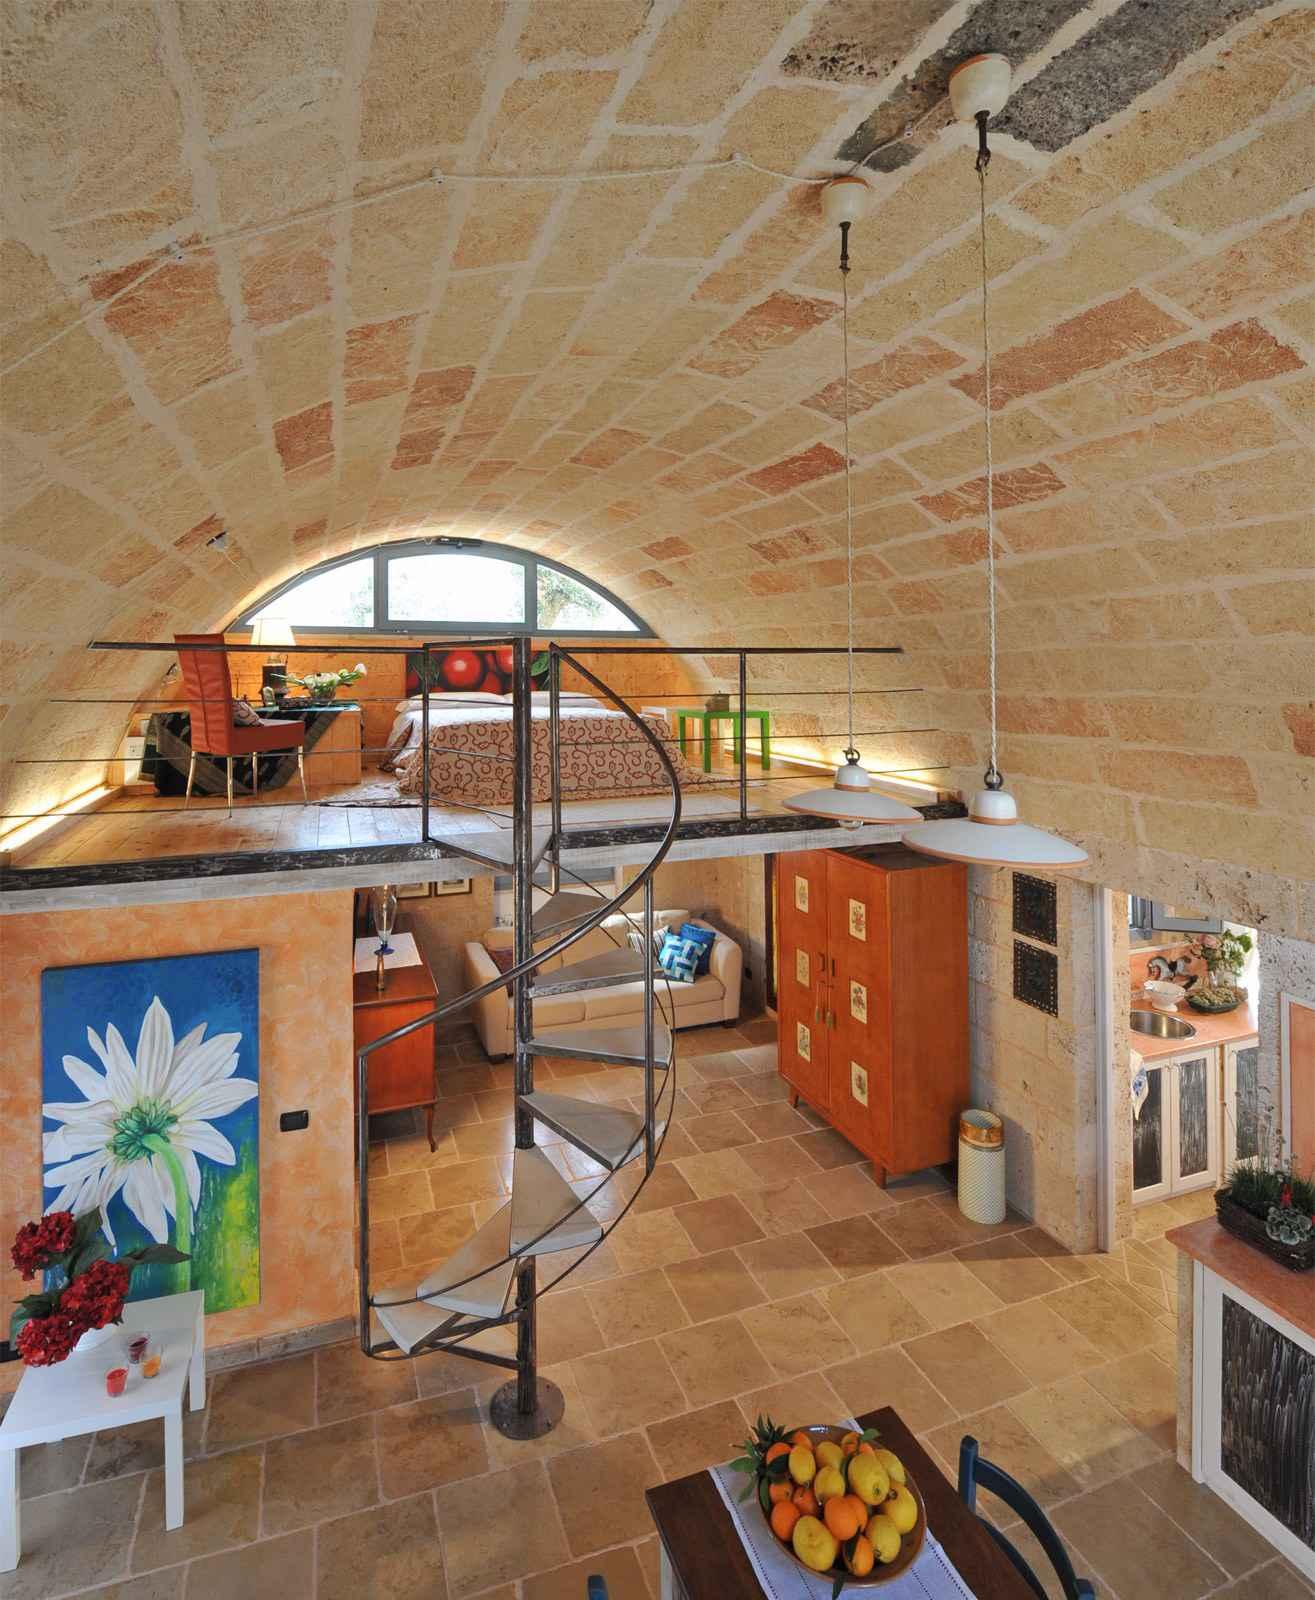 Ferienwohnung in einem Olivenhain (778495), Spongano, Lecce, Apulien, Italien, Bild 7